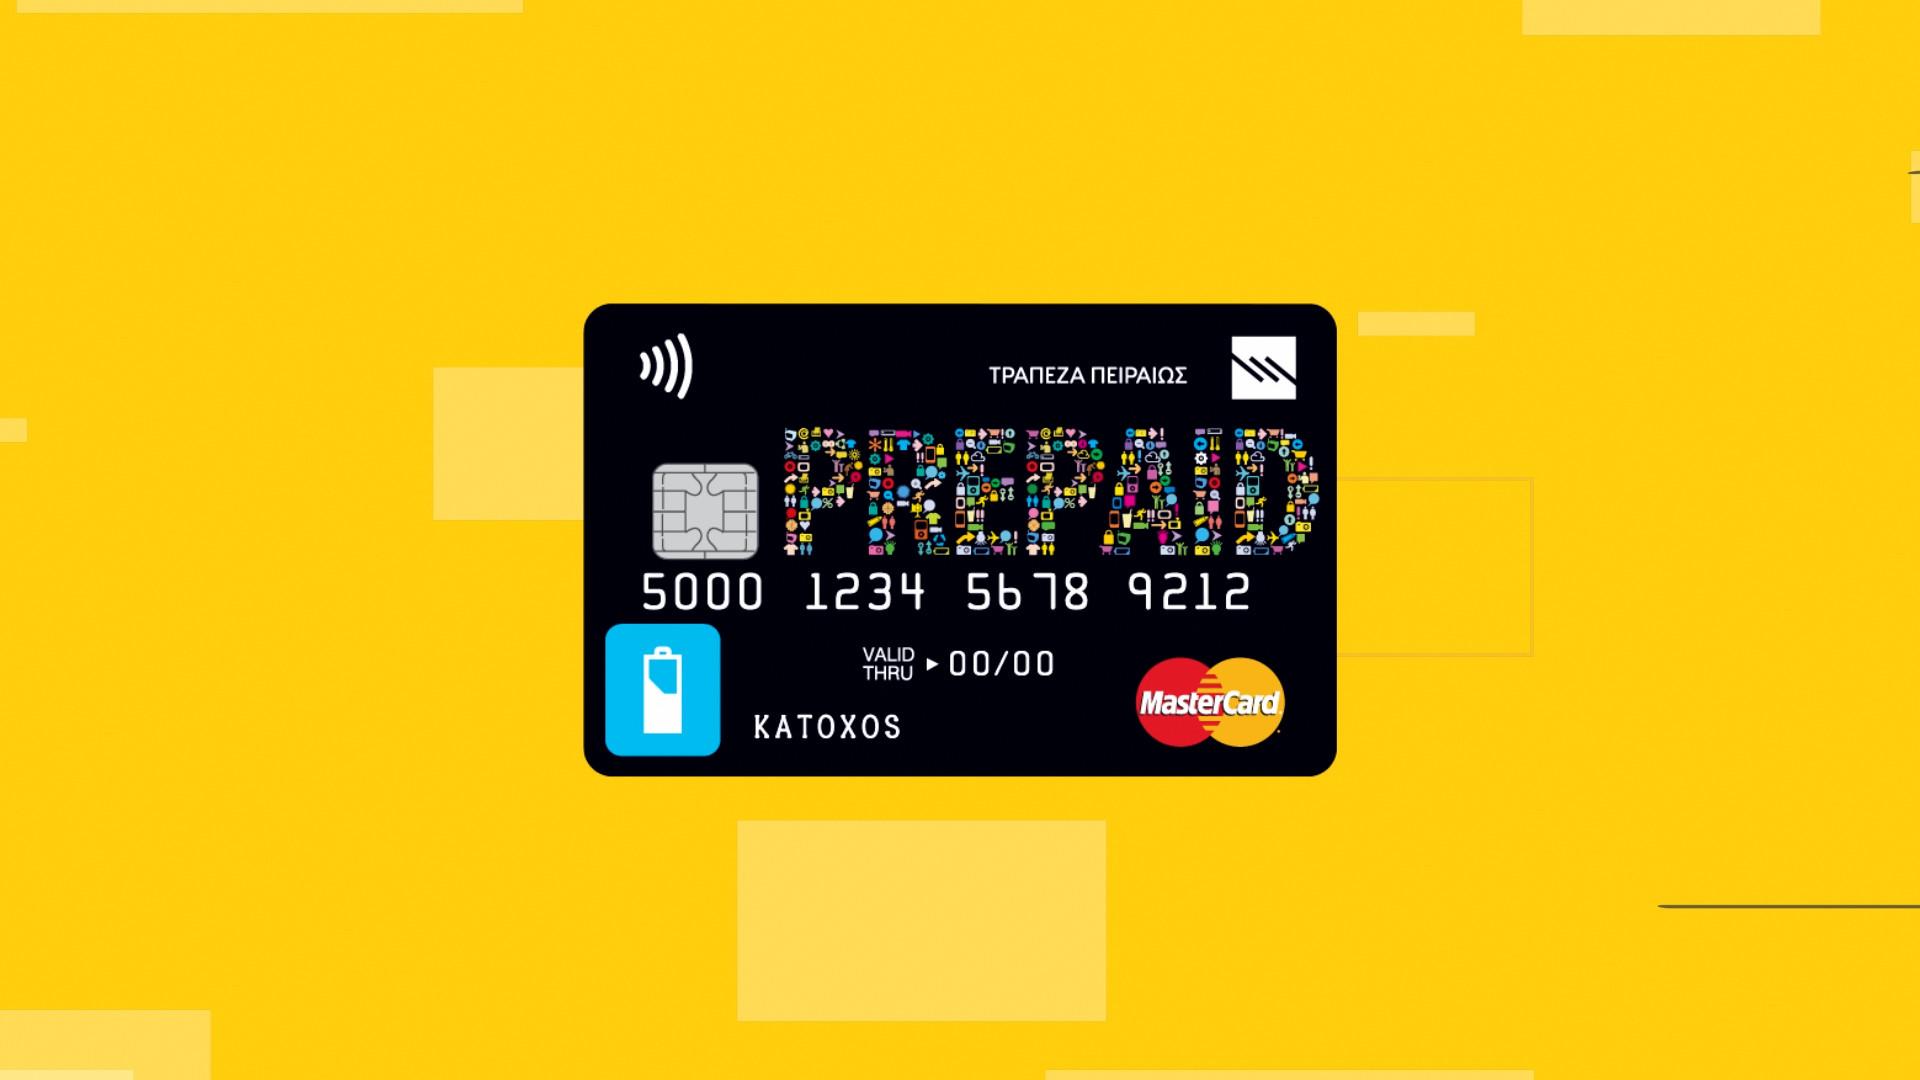 Piraeus Bank - Prepaid card